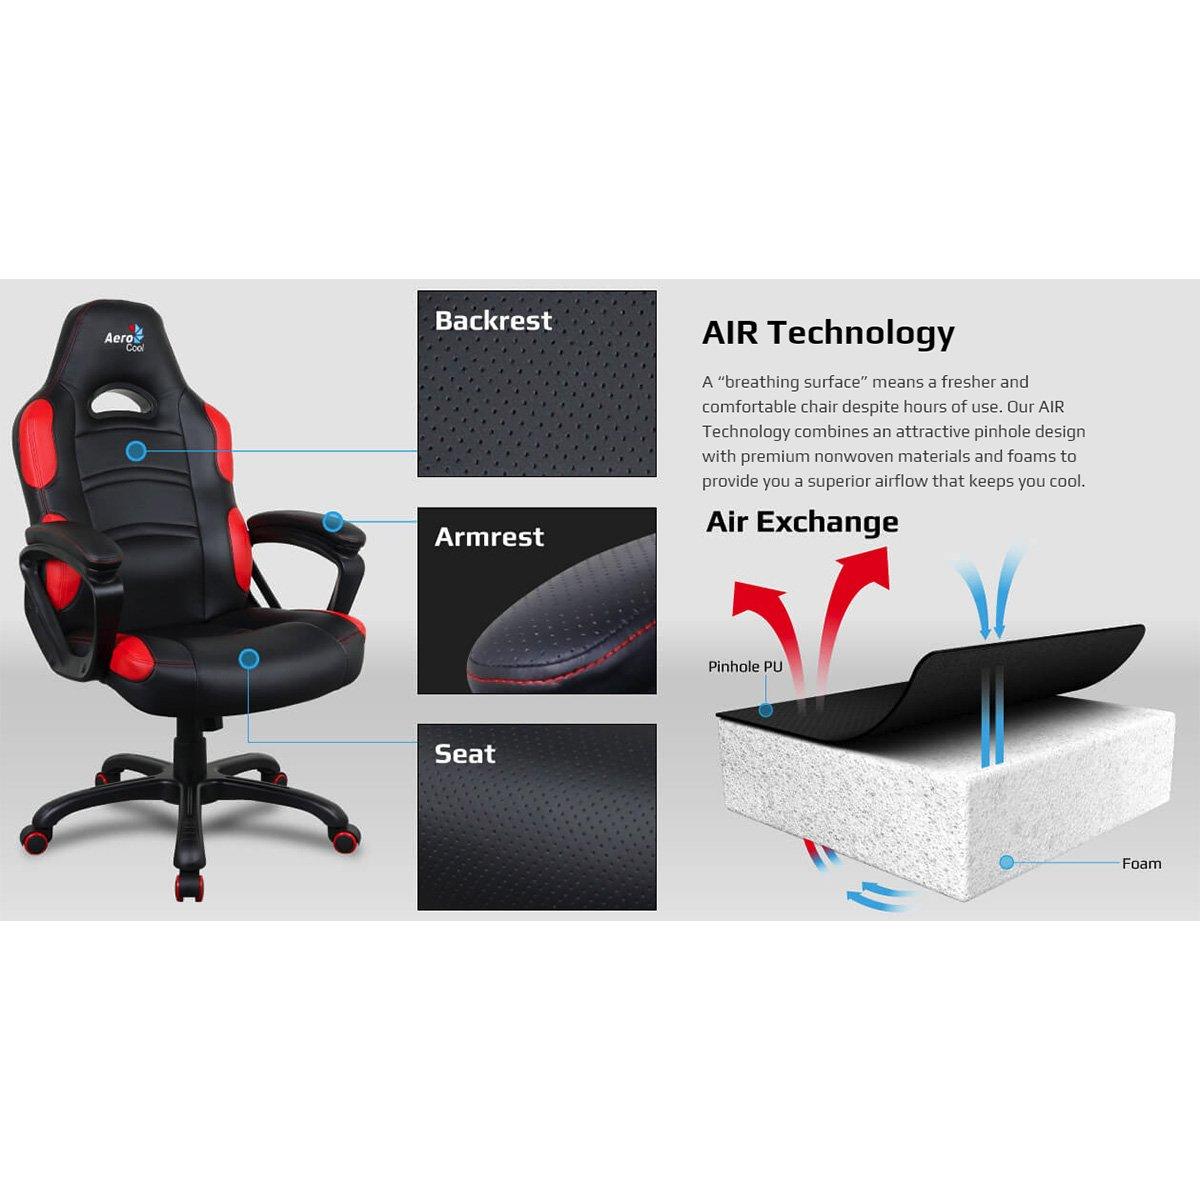 Aerocool ACGC-1014011.11 Air Gaming Silla - Negro: Amazon.es: Oficina y papelería